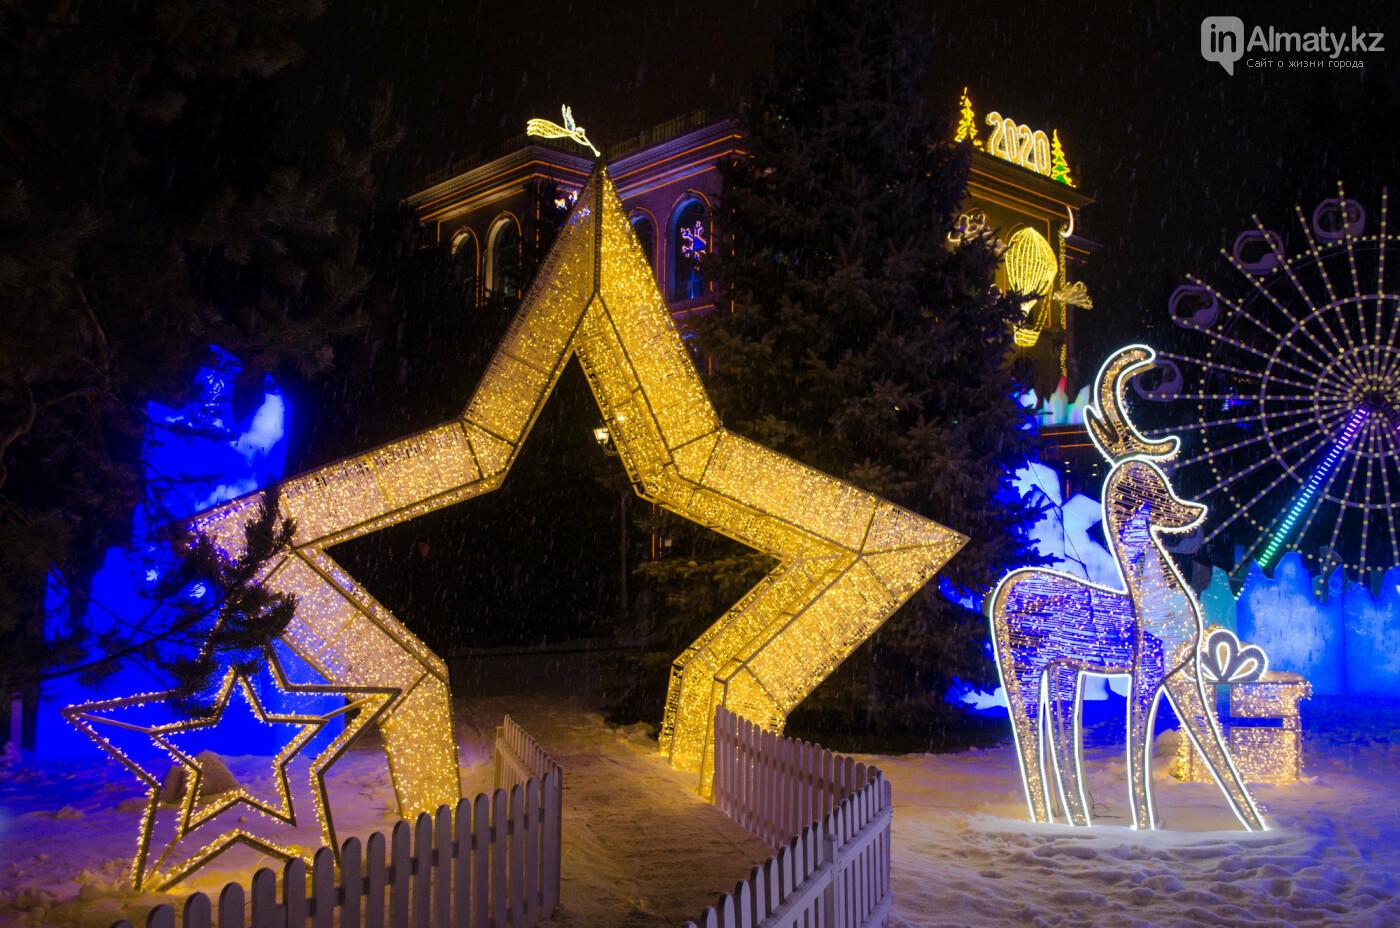 Как украшен центр Алматы к Новому году (фото), фото-19